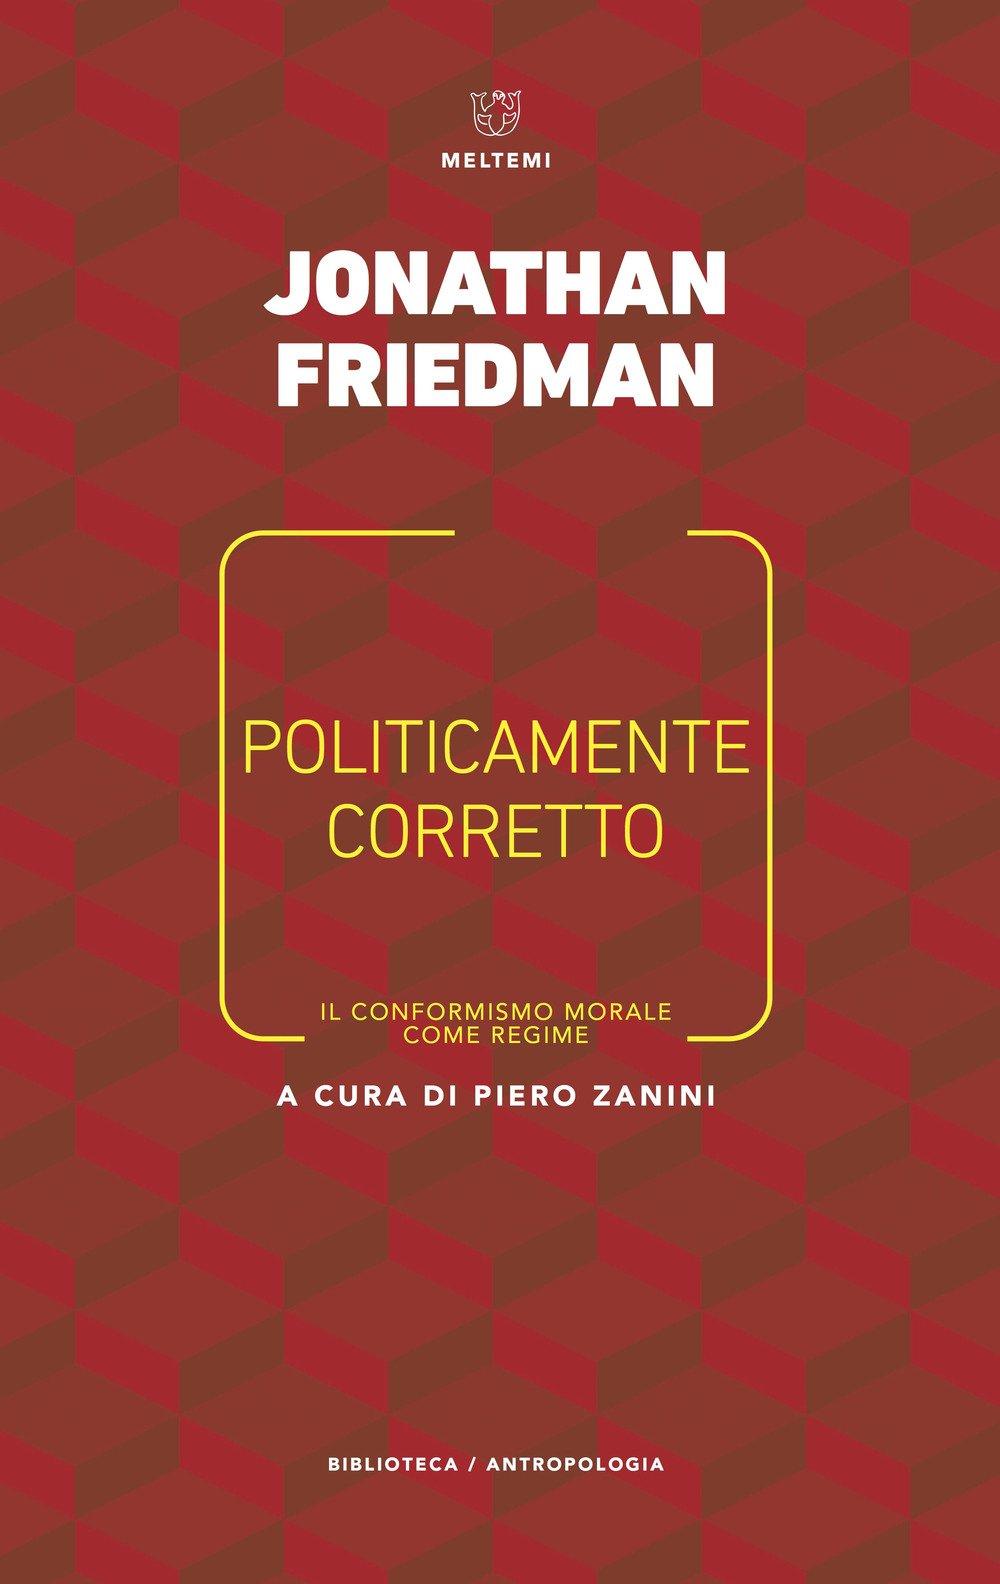 Politicamente corretto. Il conformismo morale come regime Copertina flessibile – 18 gen 2018 Jonathan Friedman P. Zanini F. Nicola Meltemi